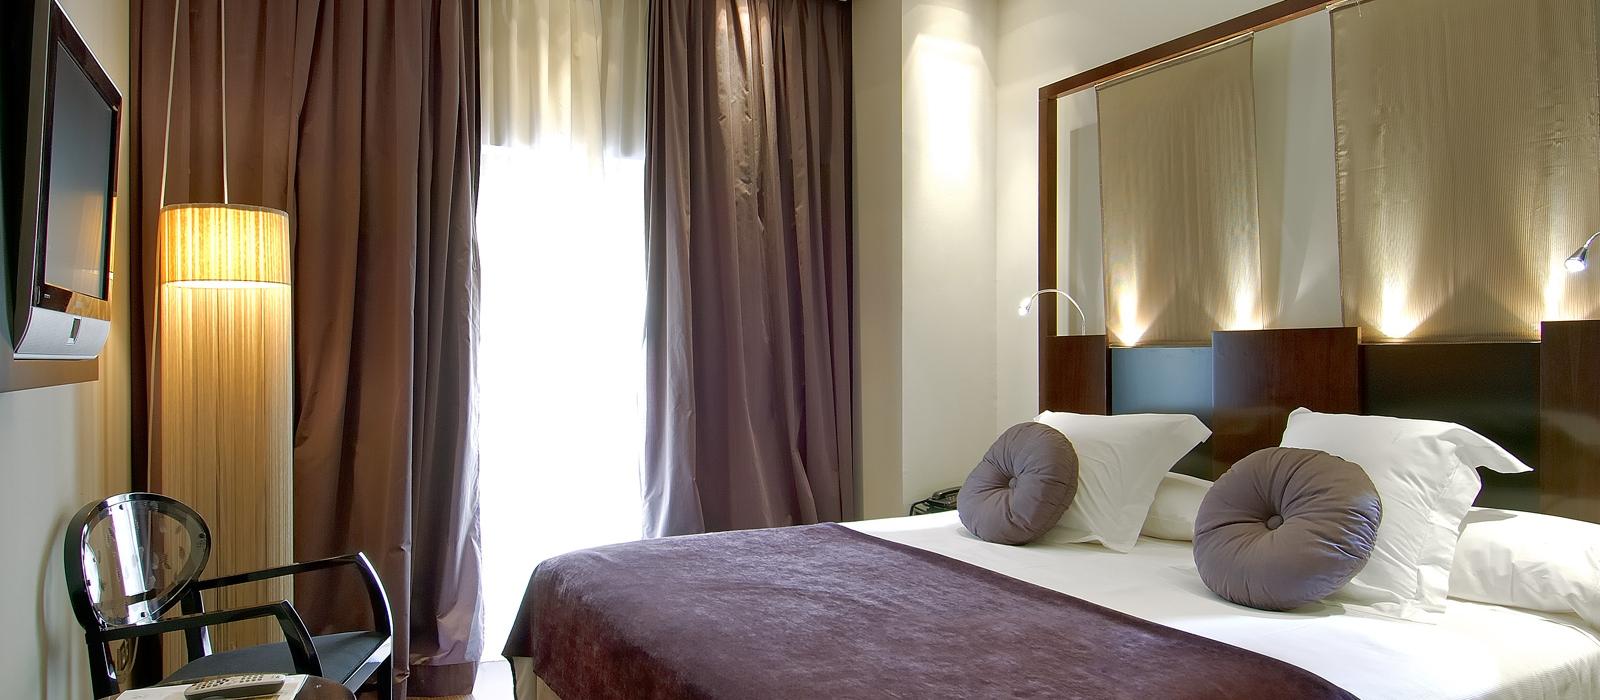 Habitaciones Hotel Vincci Valencia Palace - Habitación Doble